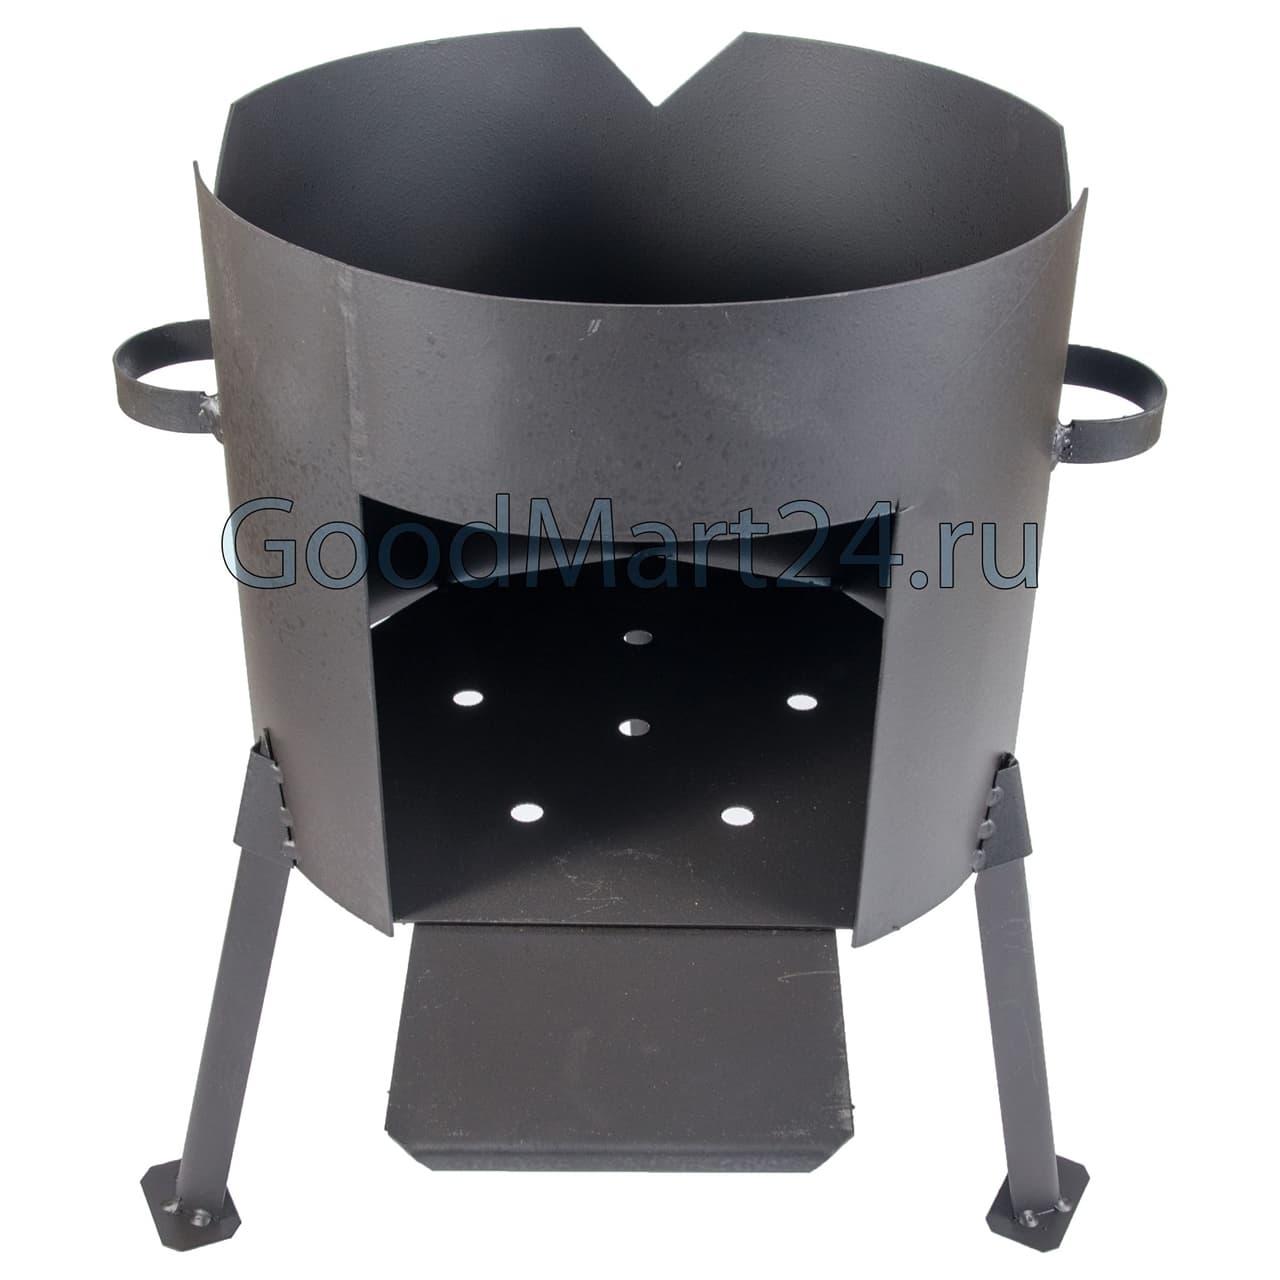 Чугунный казан 8 л. Балезинский ЛМЗ + Печь d-340 мм сталь 2 мм. - фото 4838